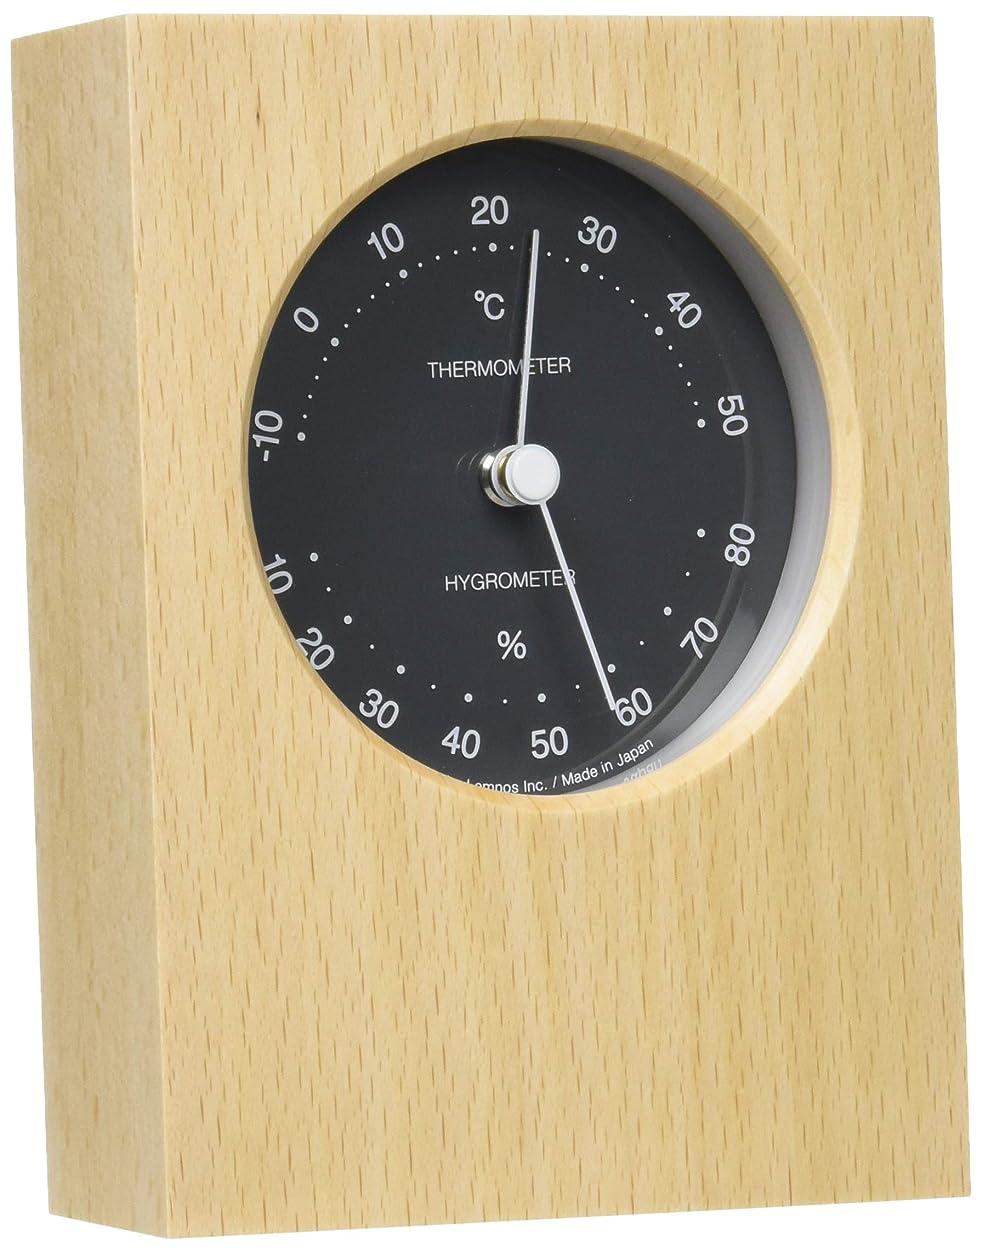 ジョージハンブリー遠い収益Lemnos DUO 温湿度計 グレー PTH10-23 GY